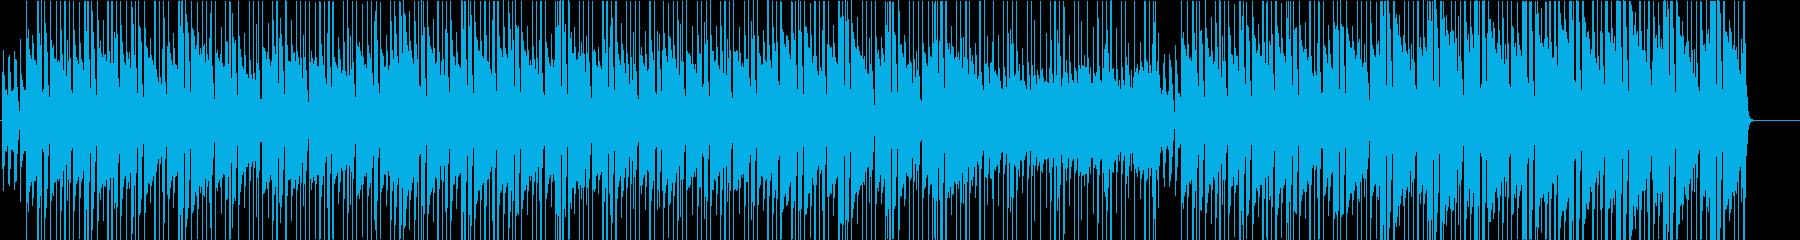 R&B・都会的・おしゃれ・キラキラ・大人の再生済みの波形